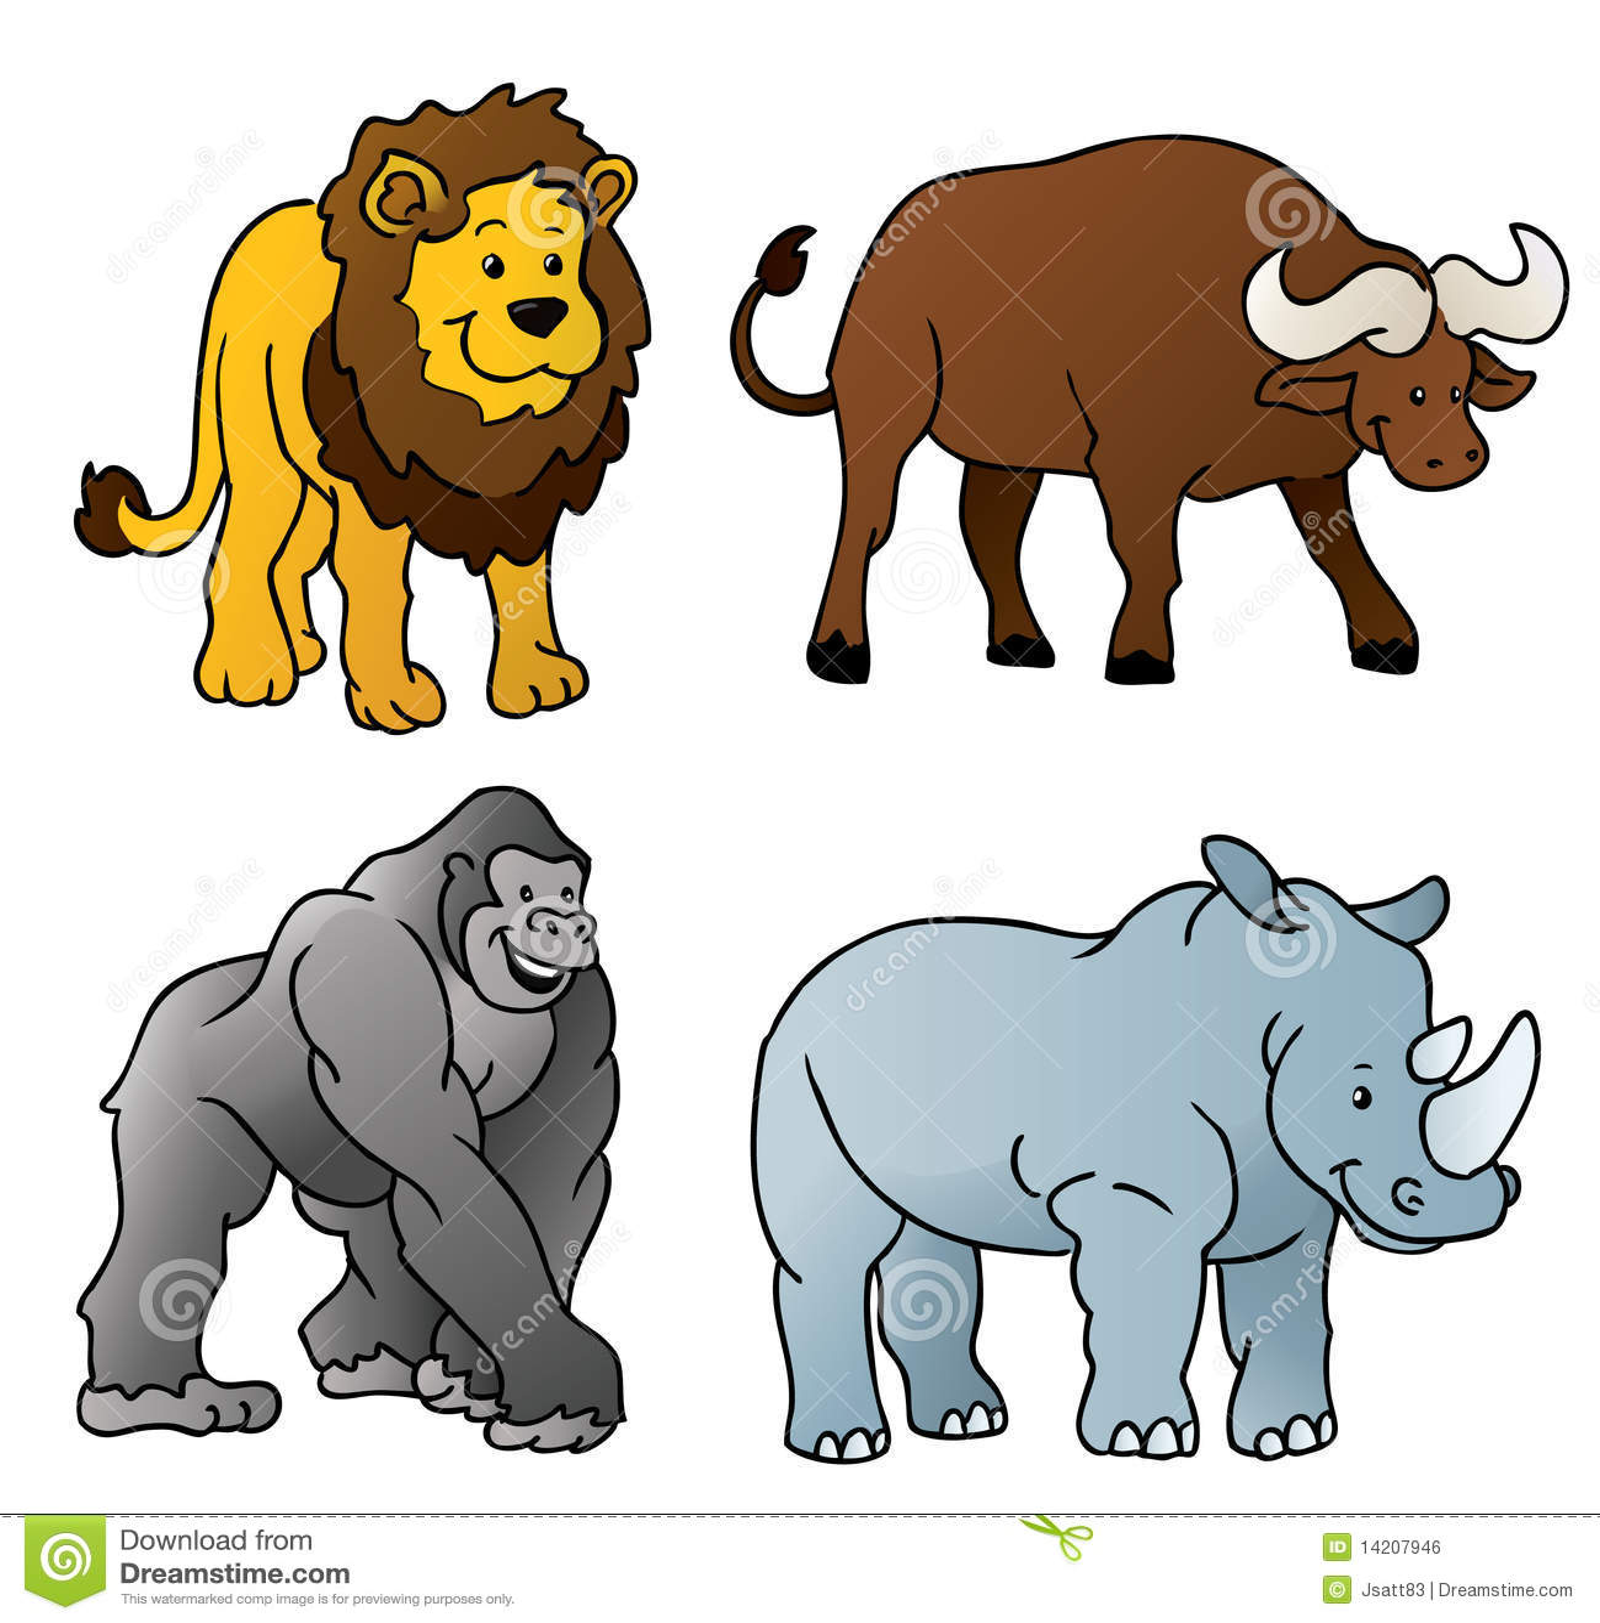 Dessin anim d 39 animaux sauvages image libre de droits - Dessins d animaux sauvages ...